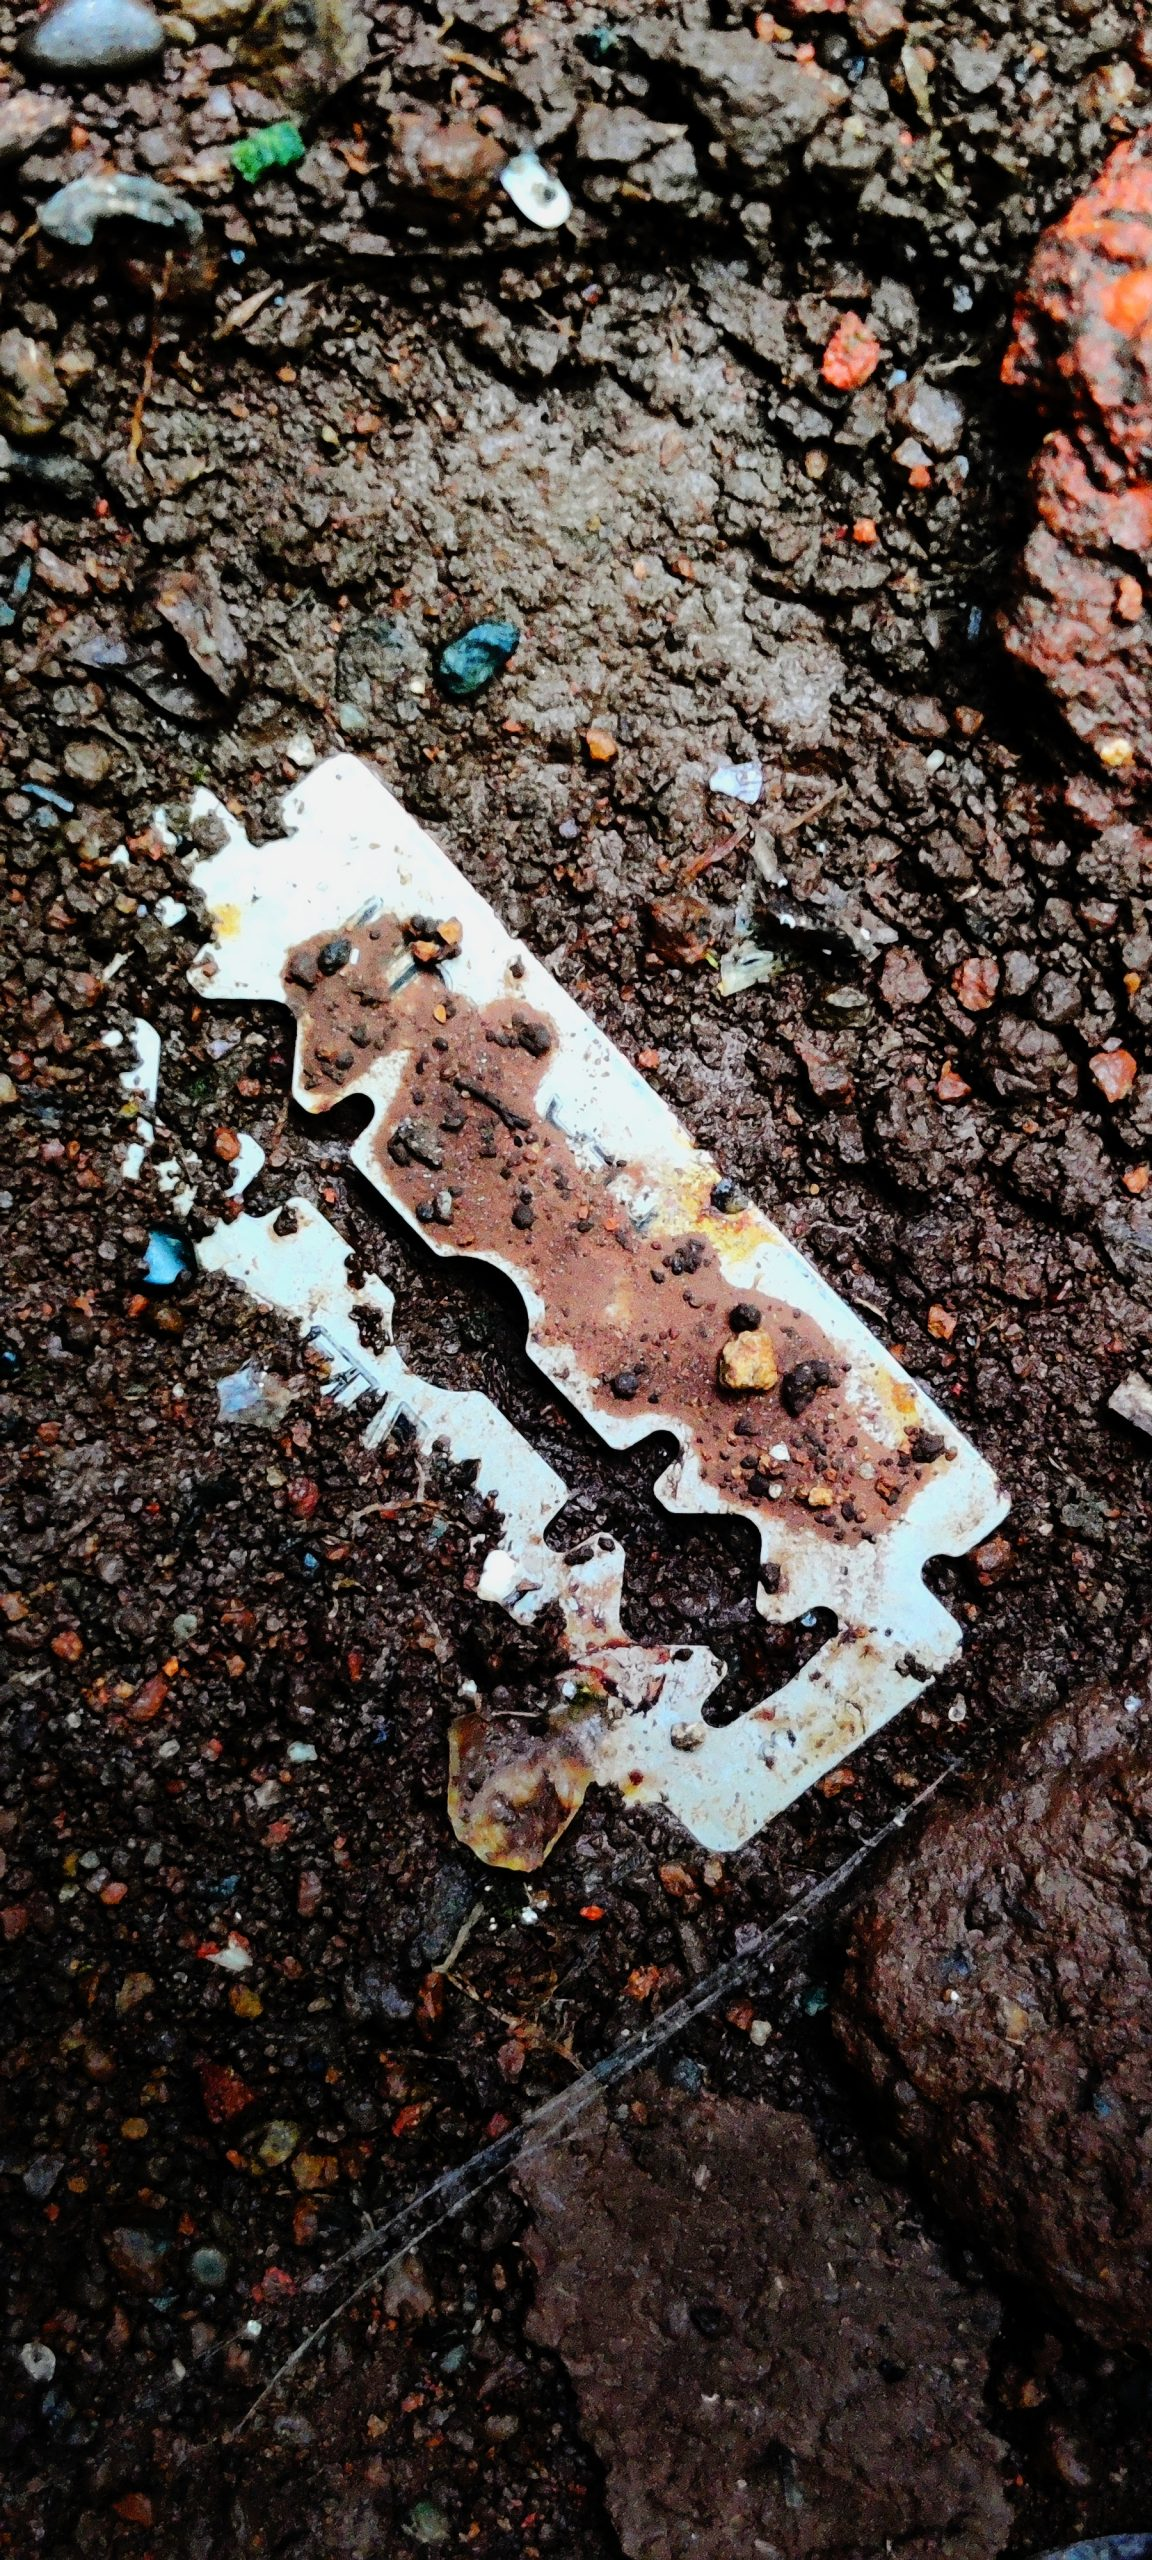 A fallen razor blade